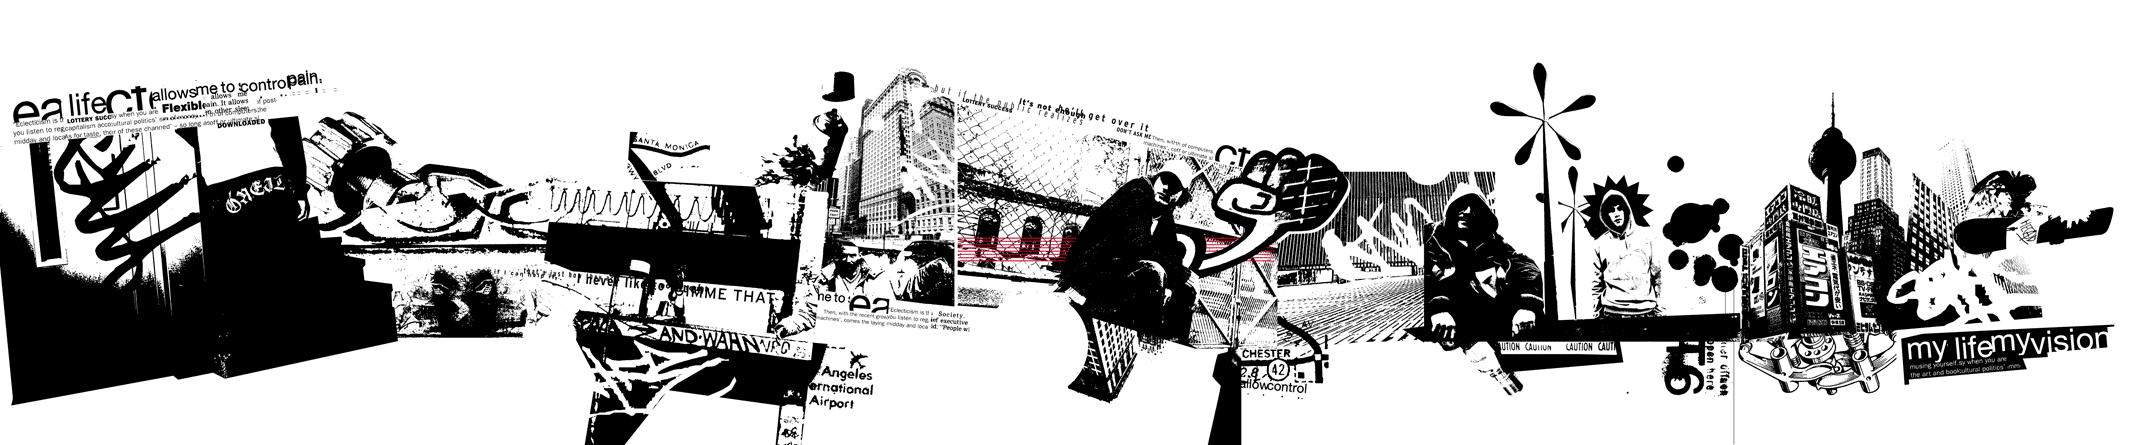 2003-oneill